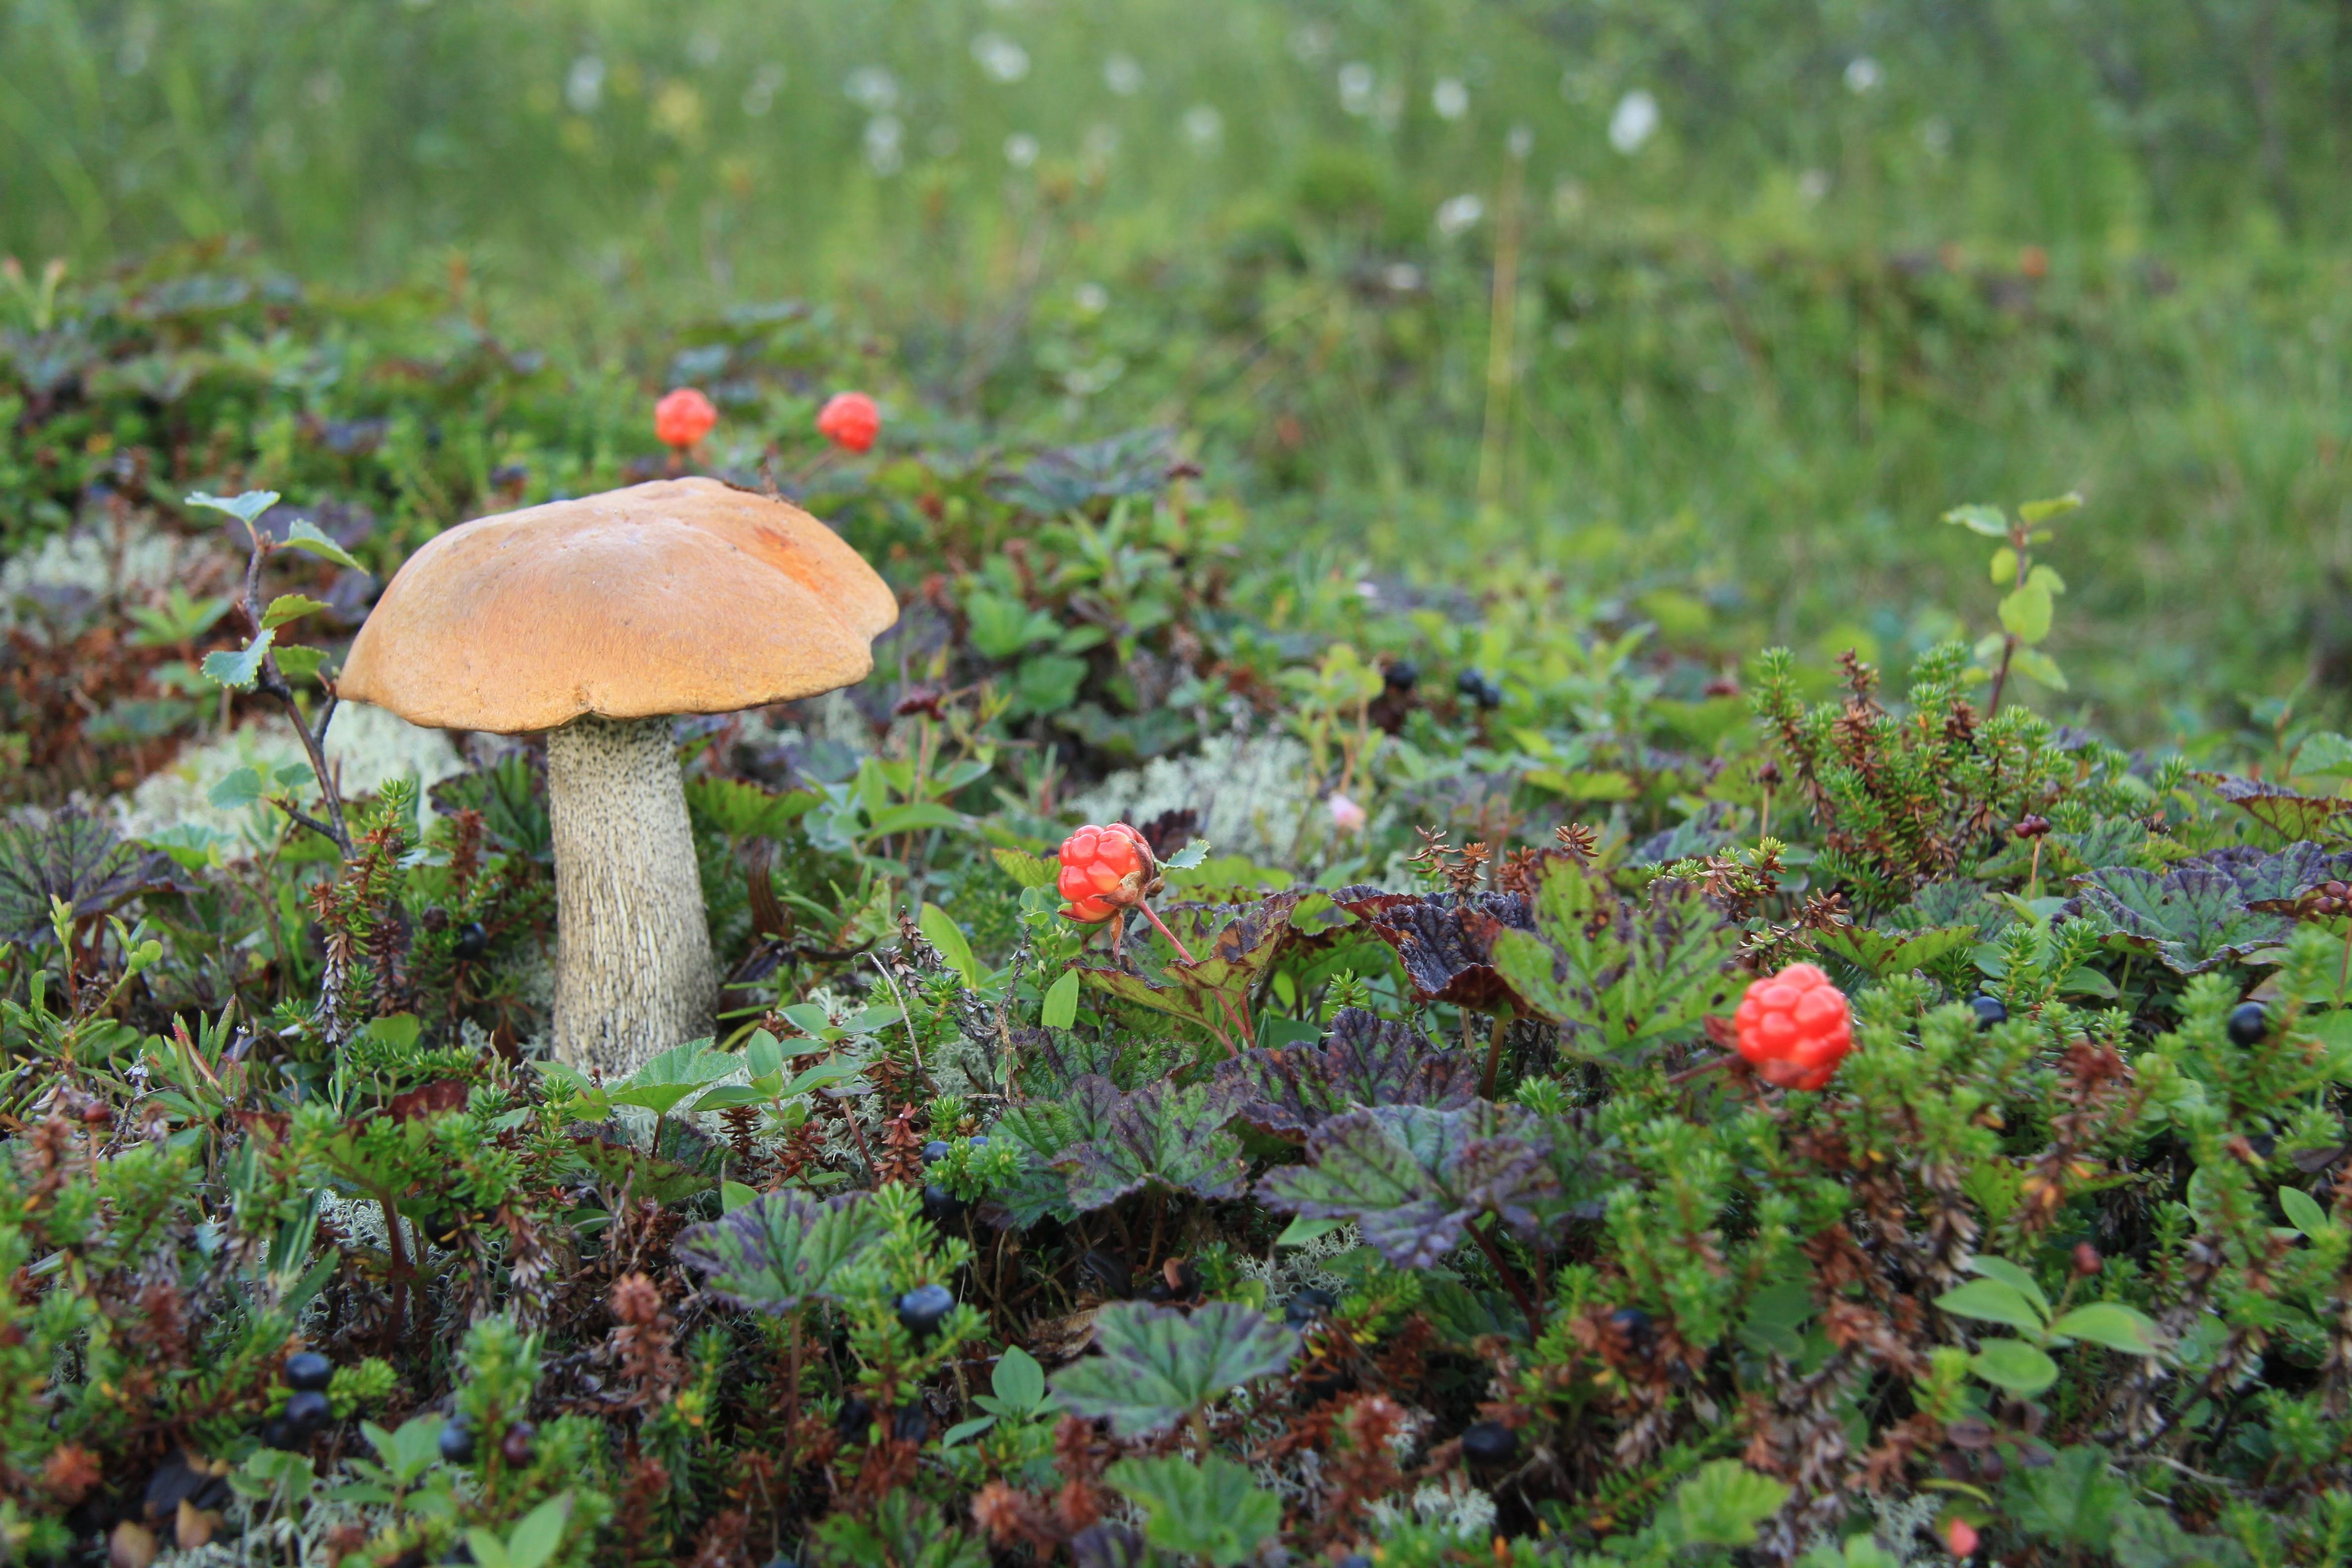 картинки о природе растениях и грибах личность женщины